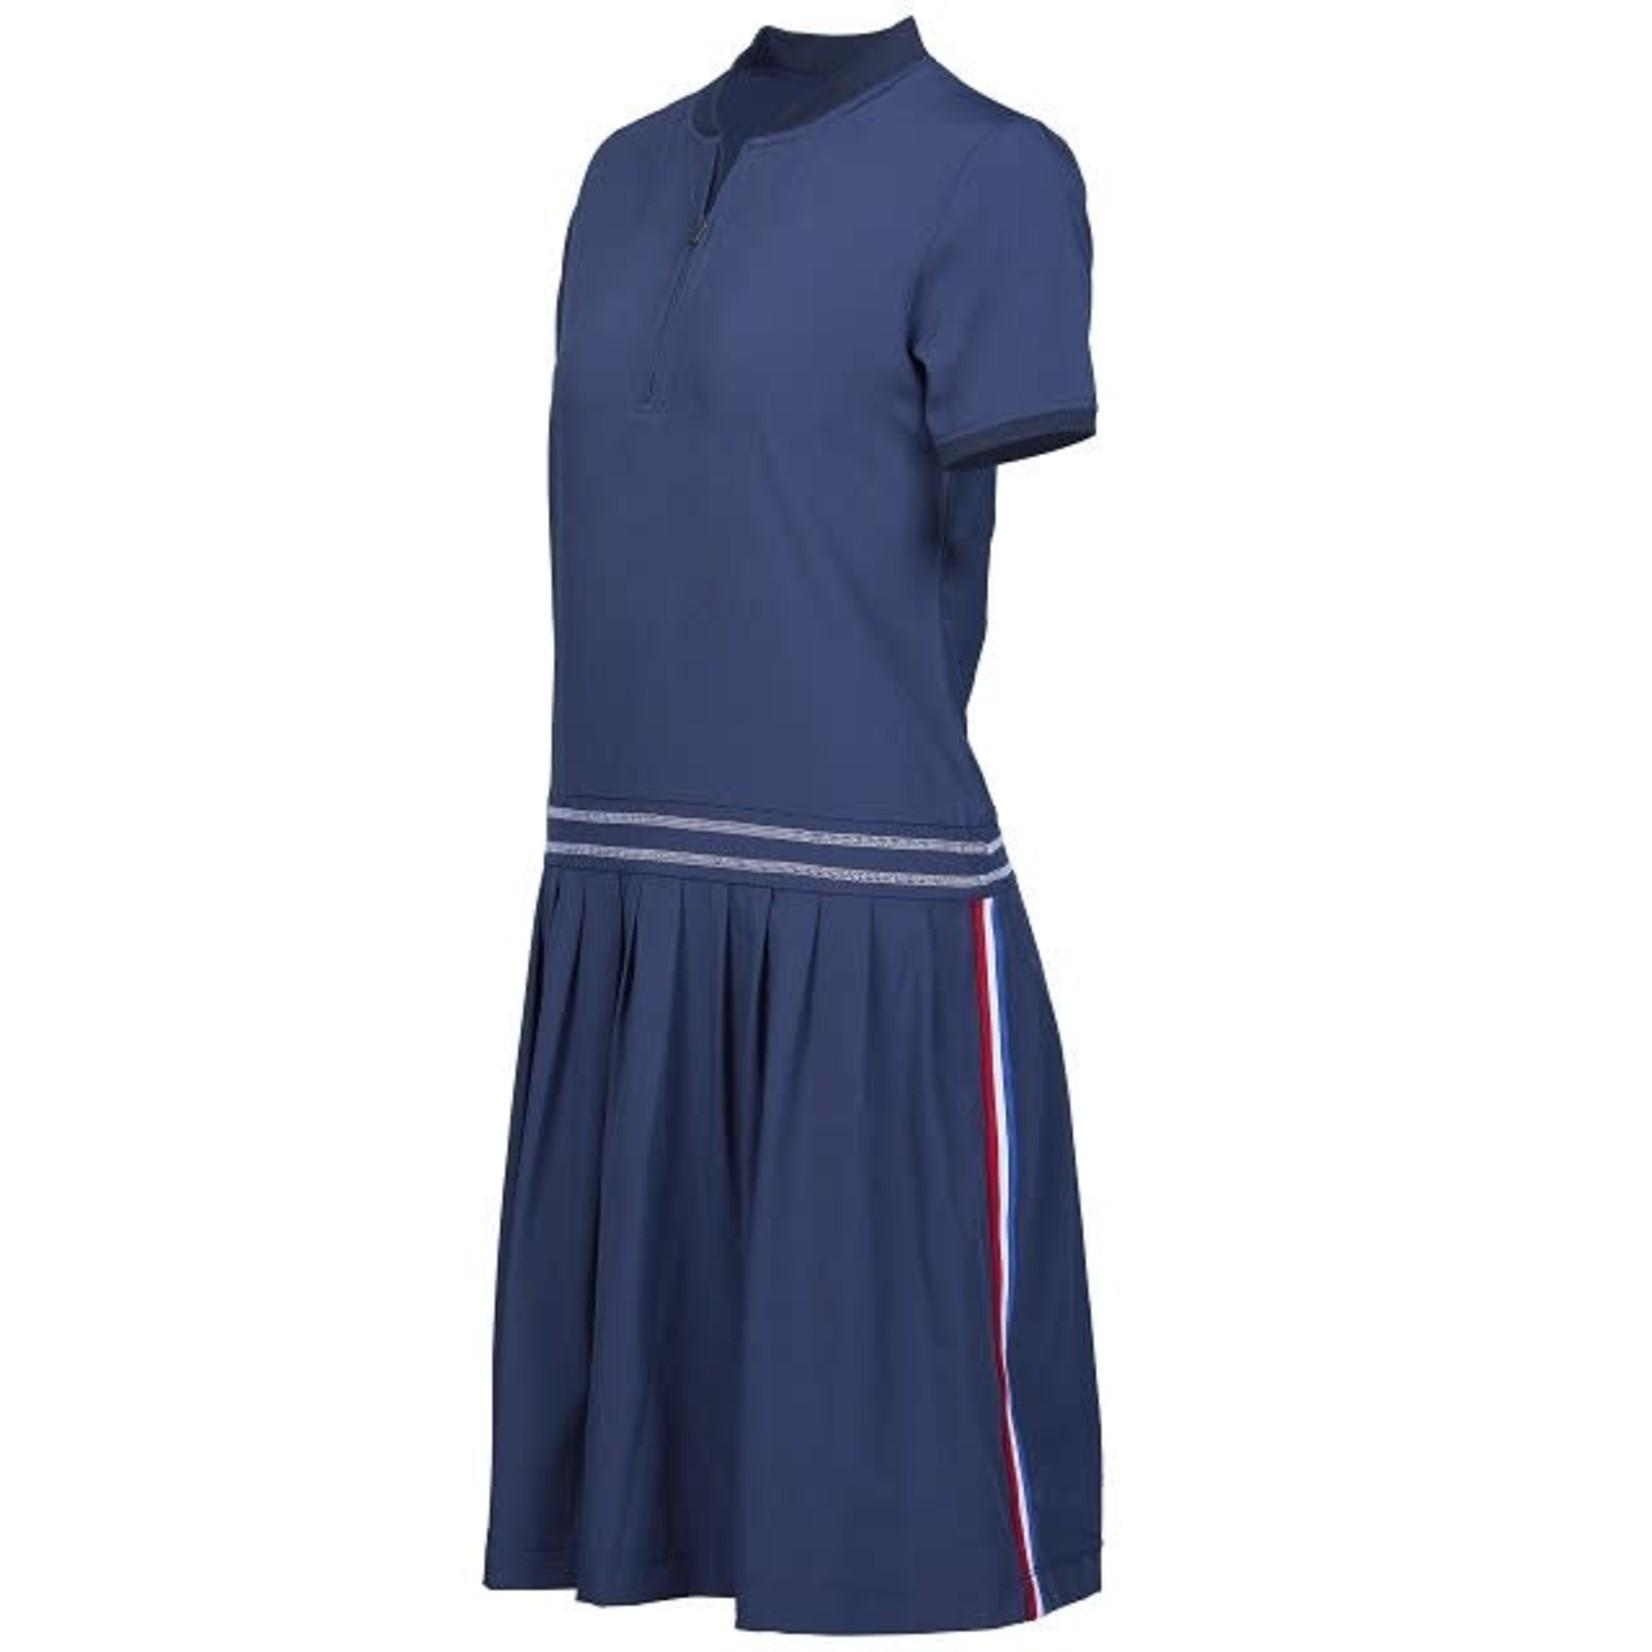 Girls Golf Girls Golf Polo Dress - Navy Techy 2XL